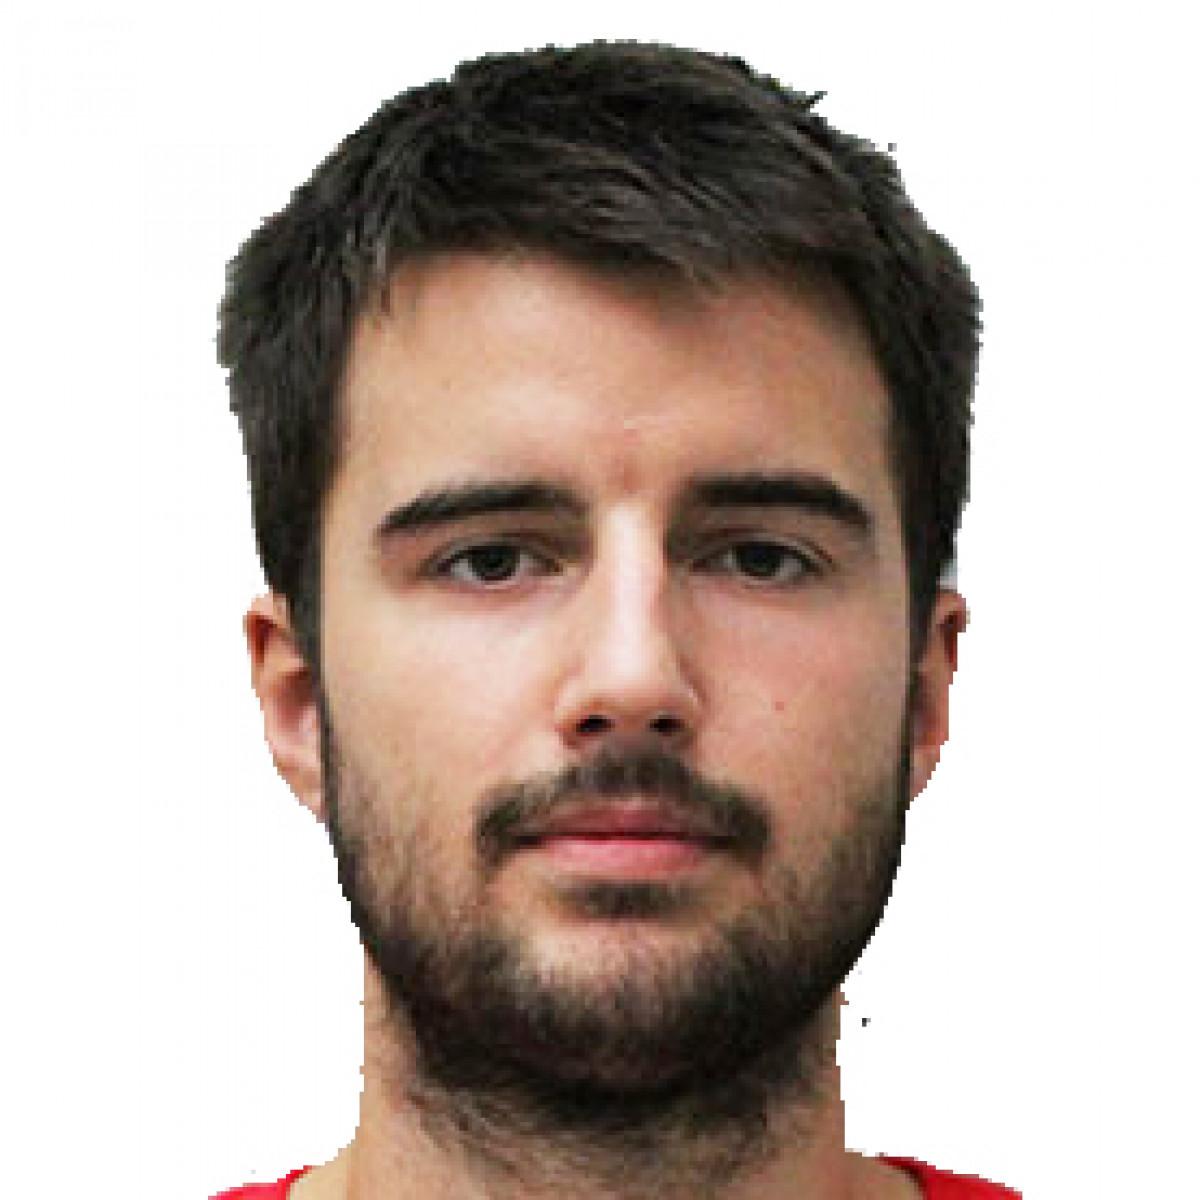 Aleksa Cabrilo